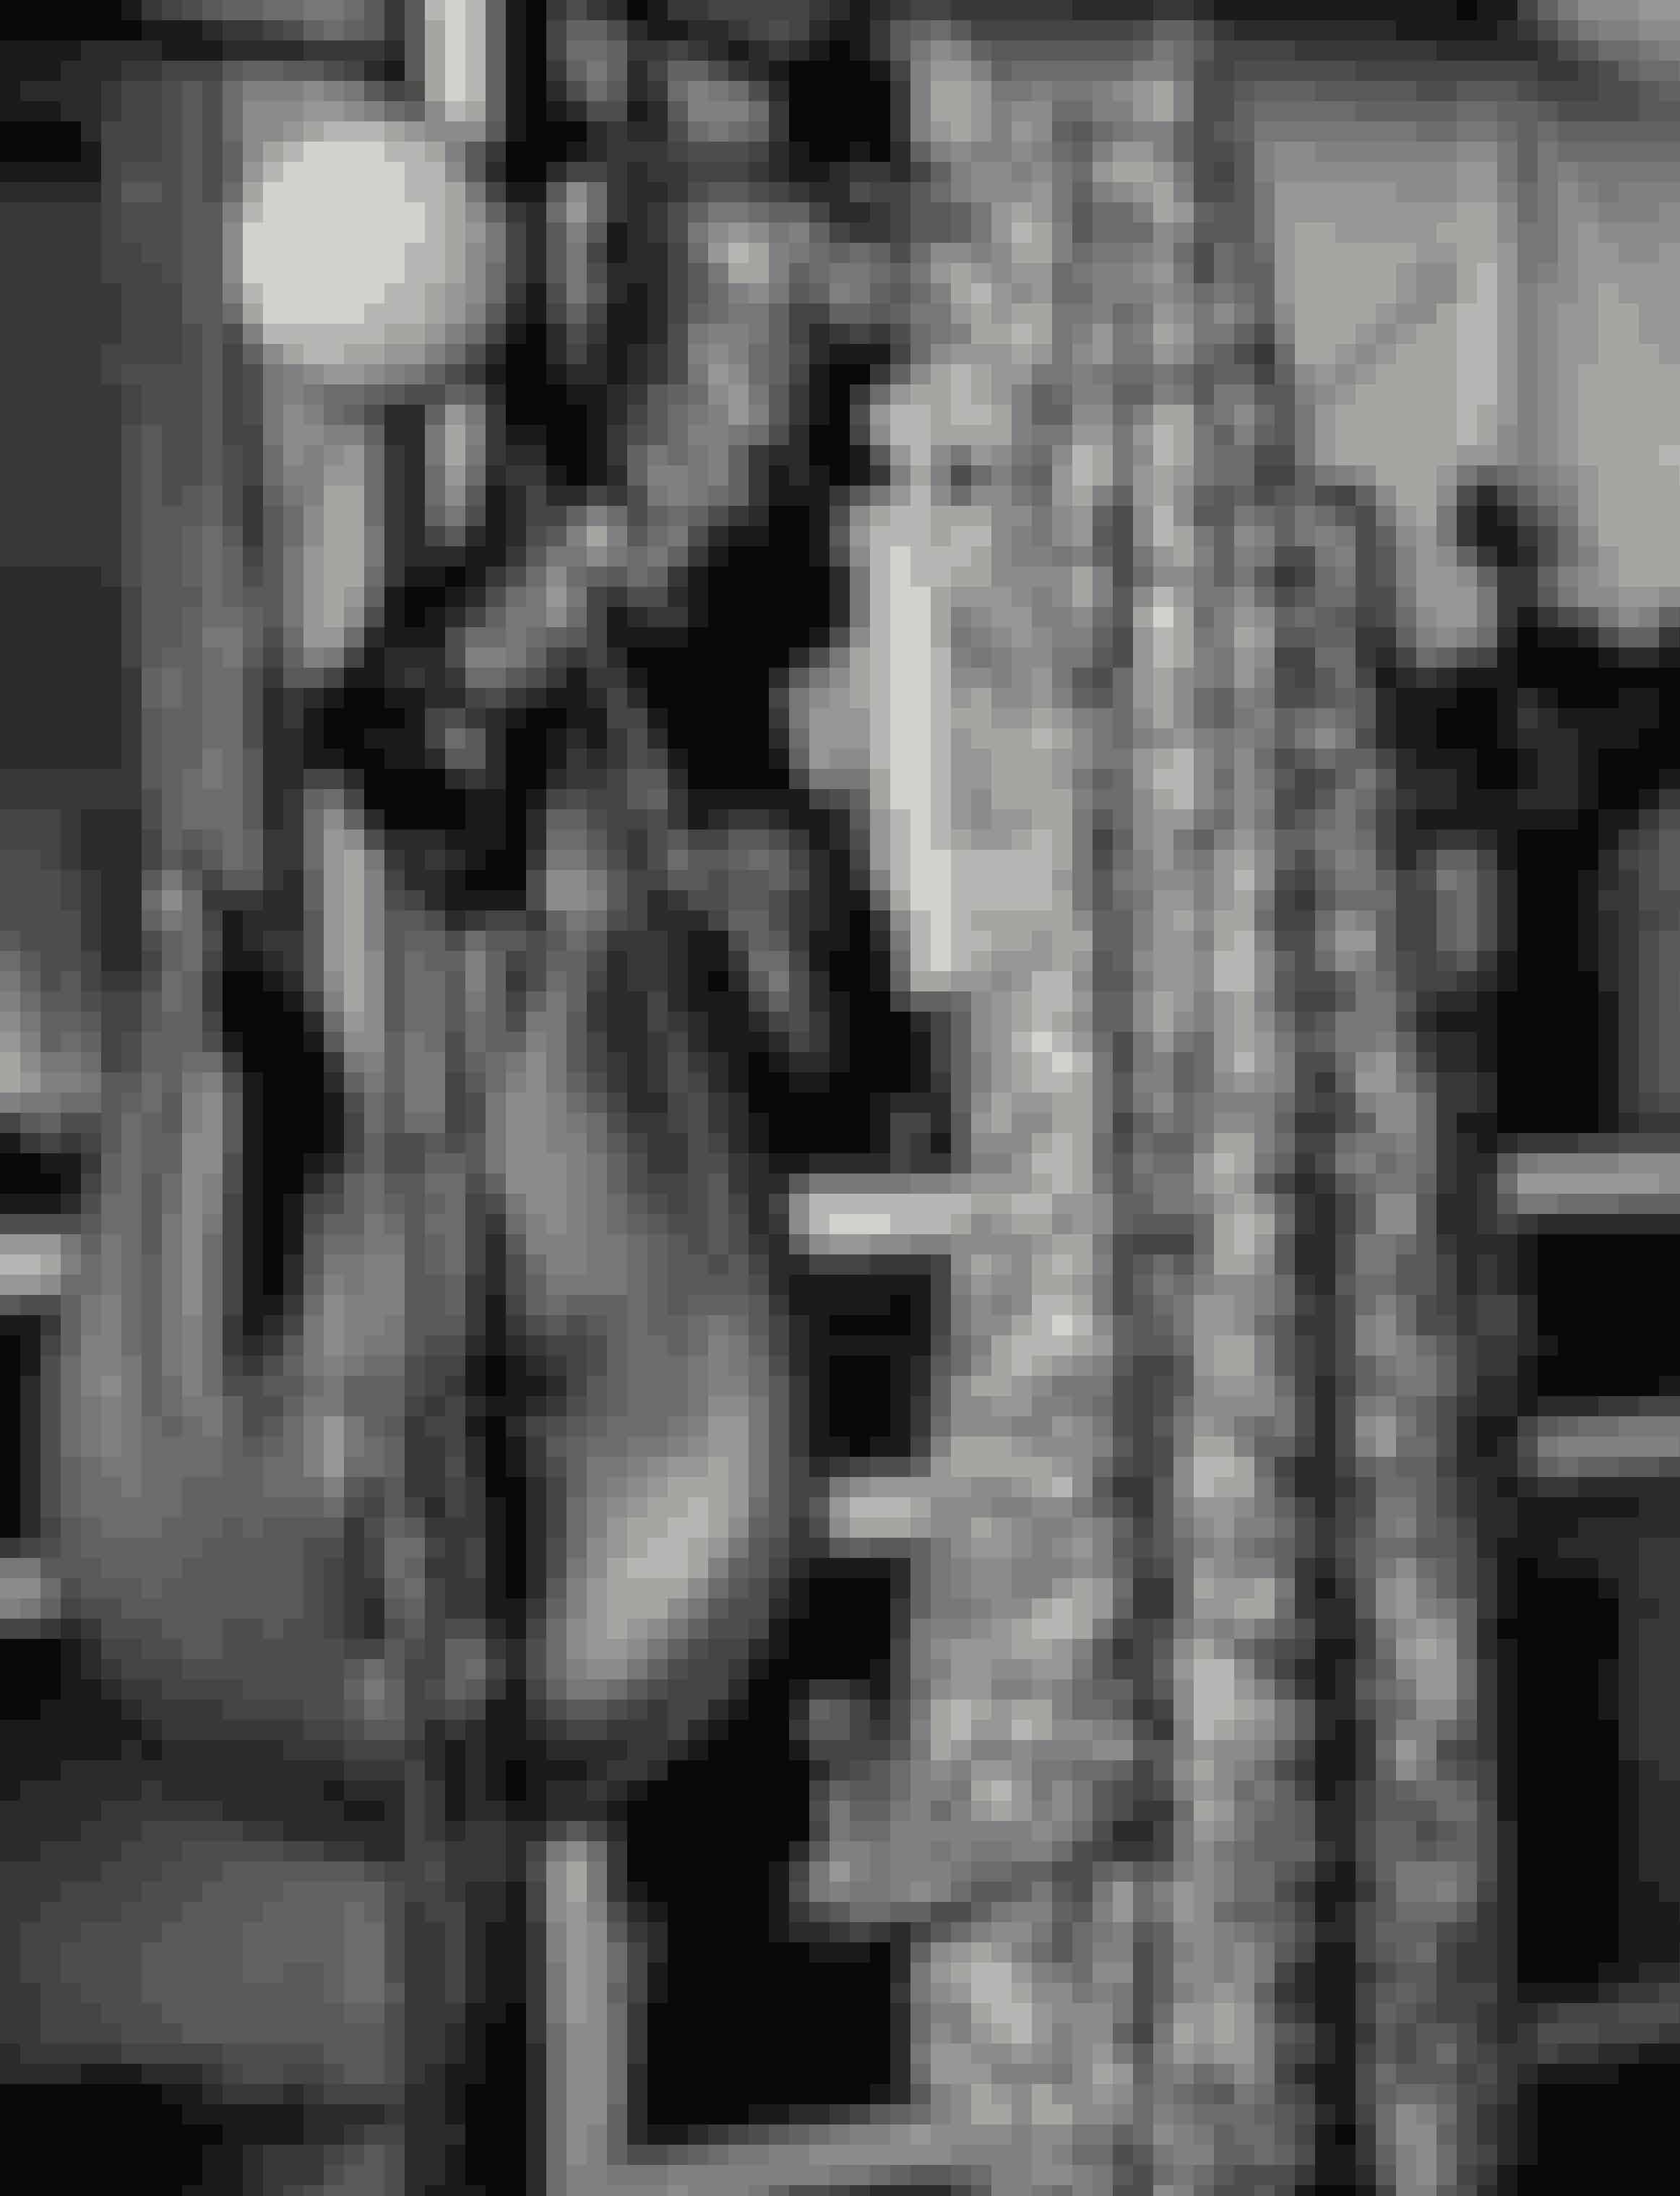 Altuzarra-tasken er købt hos Nathalie Schuterman i Stockholm. Susanne faldt for størrelsen, der passer godt til hverdagsbrug, og for det skulpturelle, flettede midterstykke, der minder hende om en hestehale. Den japanske kimono bruger hun som slåbrok, og fjerkraven er et tidligere showpiece.